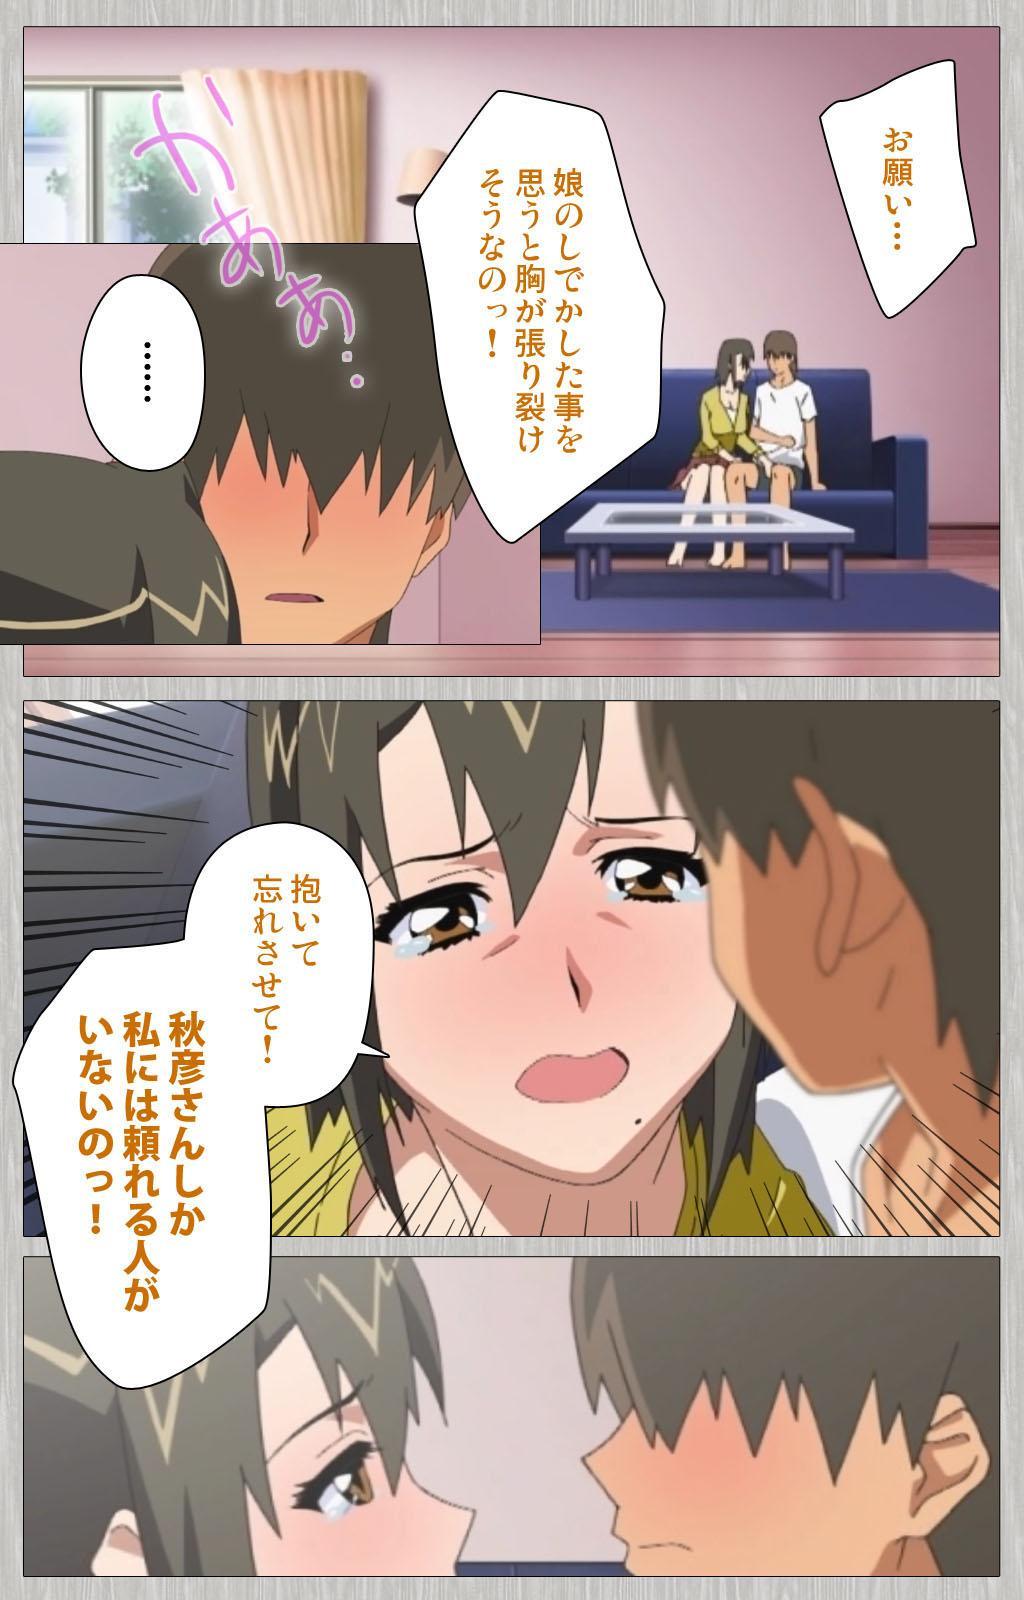 Tsuma no haha Sayuri Kanzenban 147